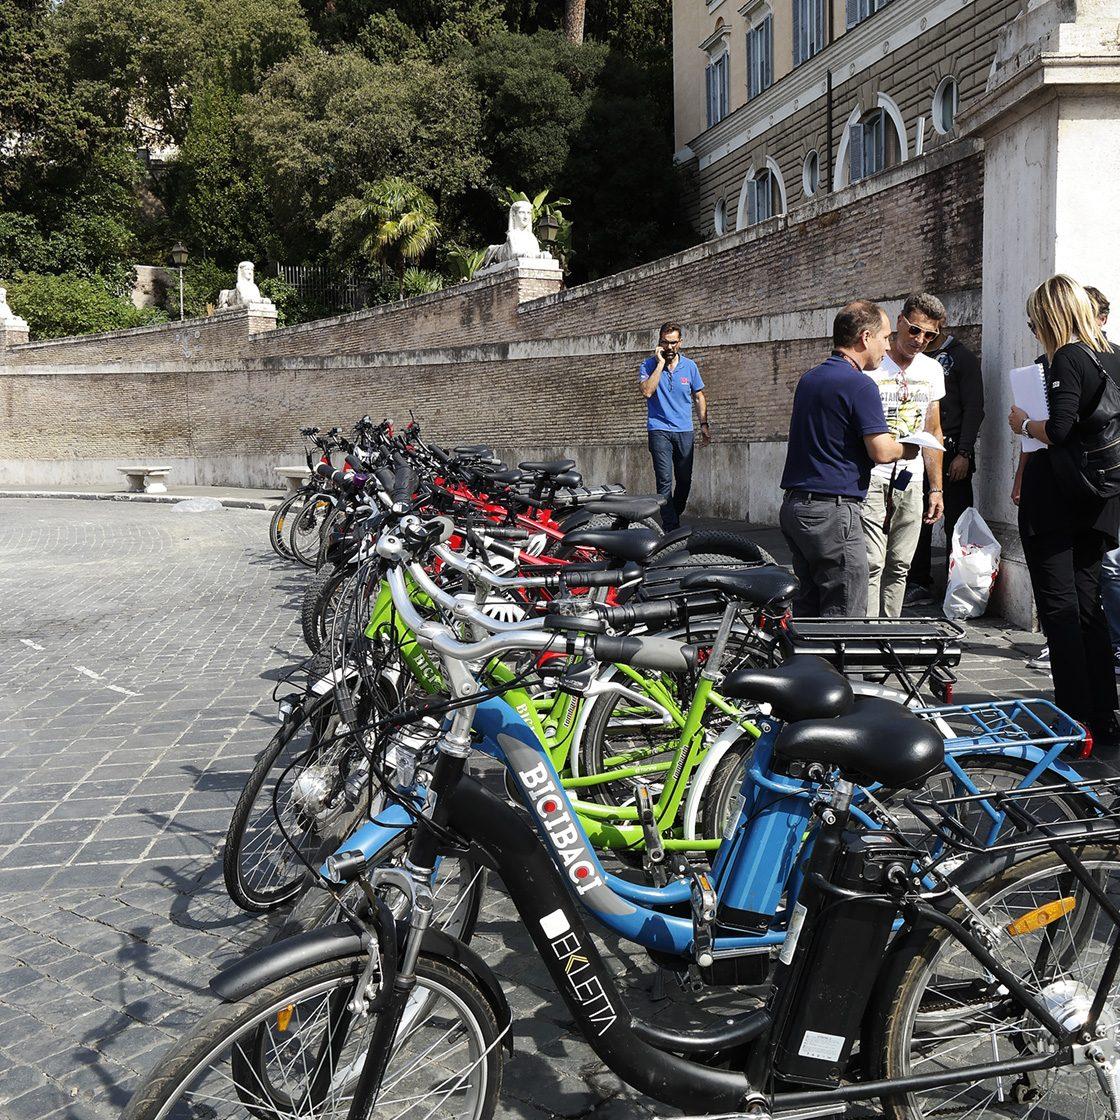 Stadtrundfahrt mit Mountanbikes und E-Bikes durch Rom, Italien